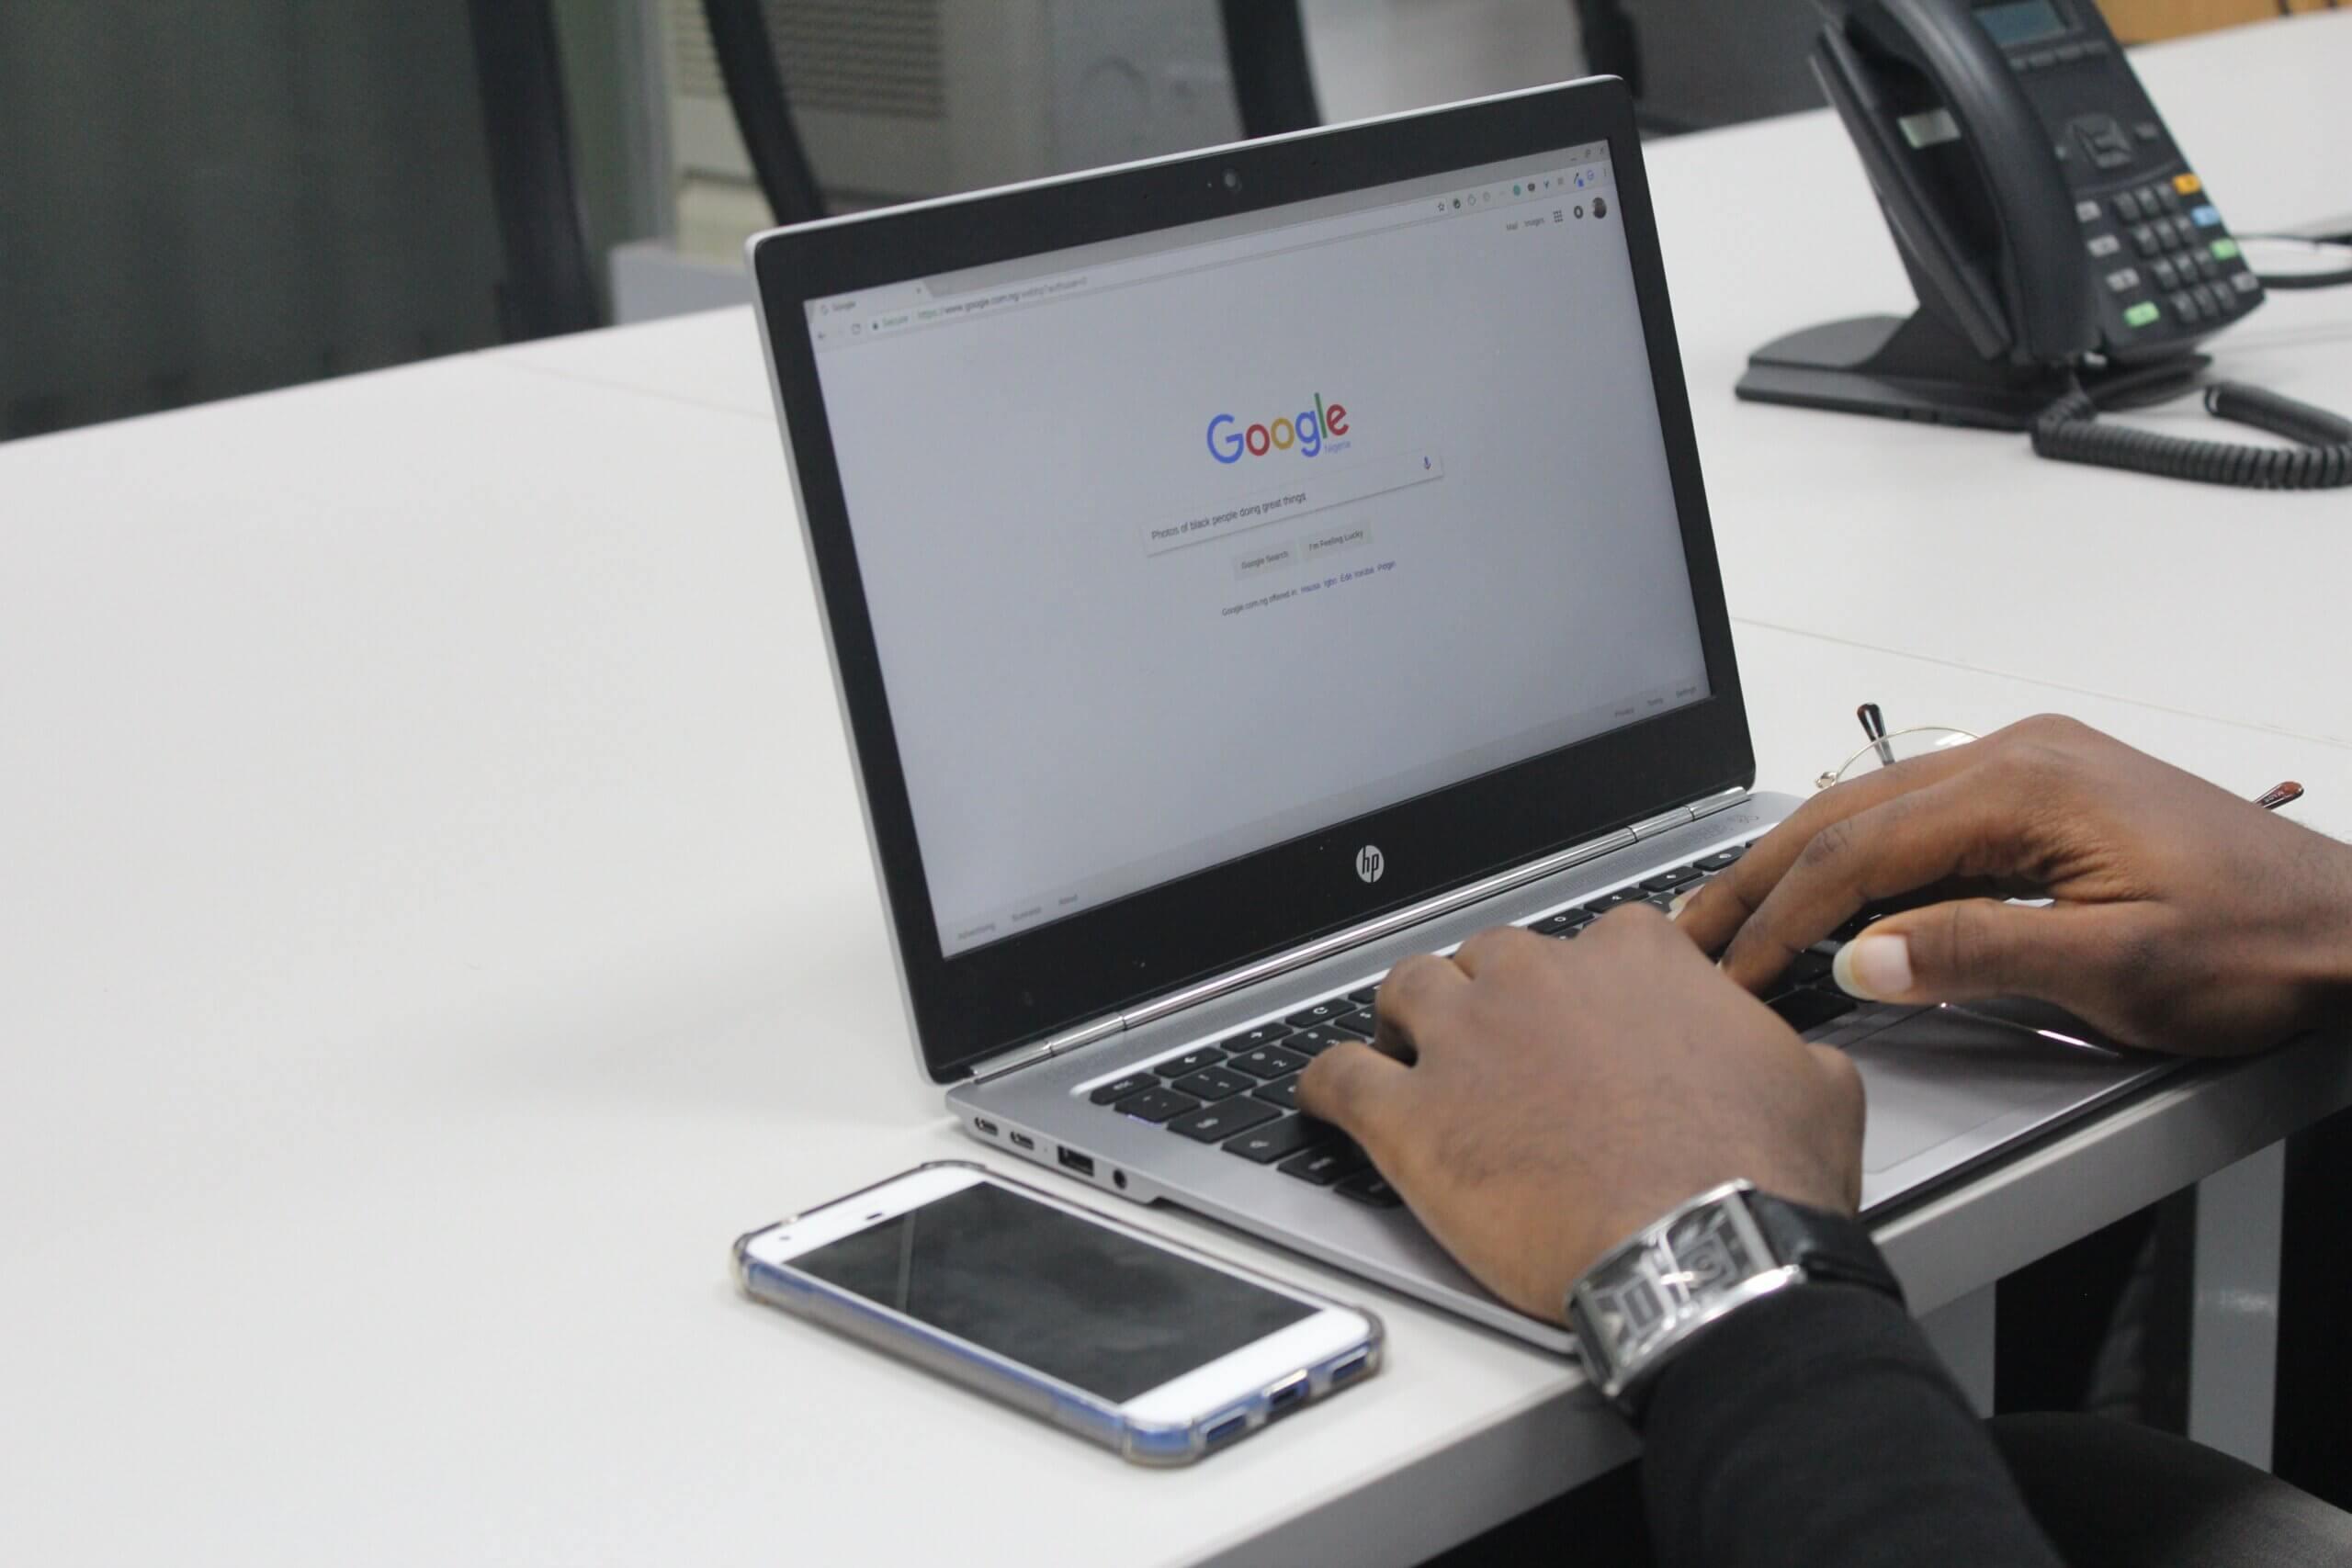 Beter zichtbaar worden in Google